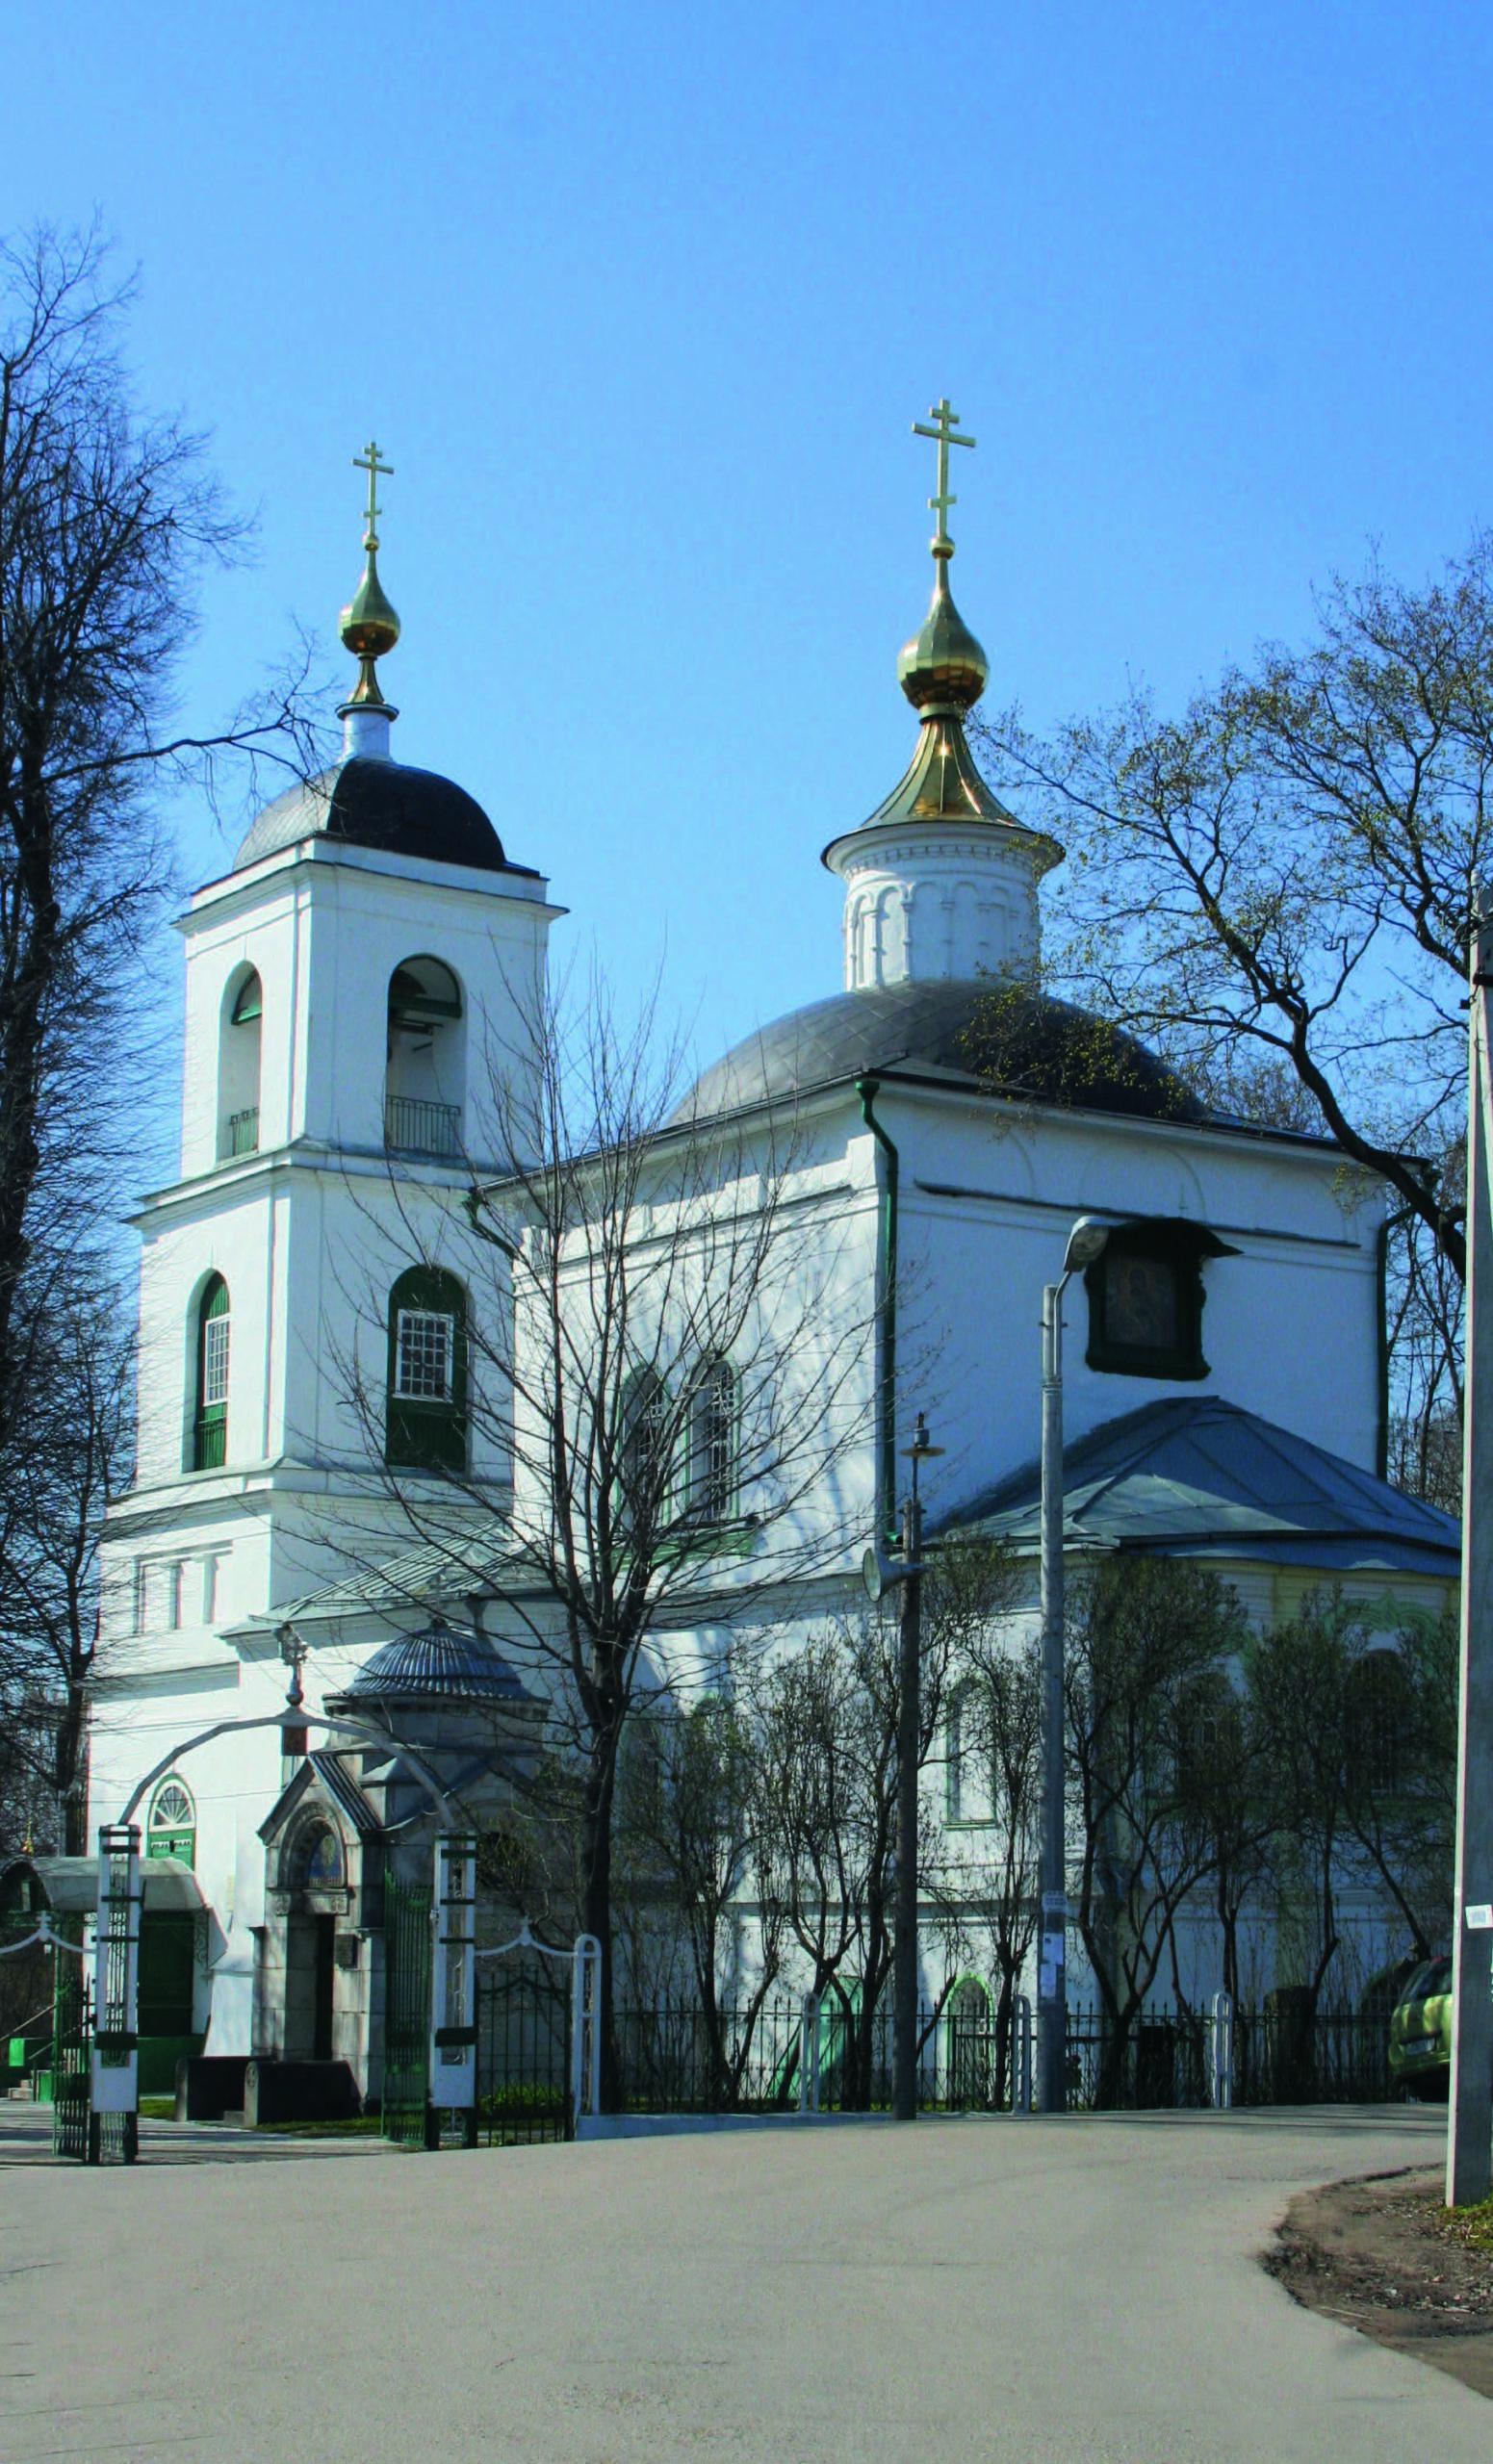 Рис.6. Церковь Владимирской иконы Божией матери в Куркино